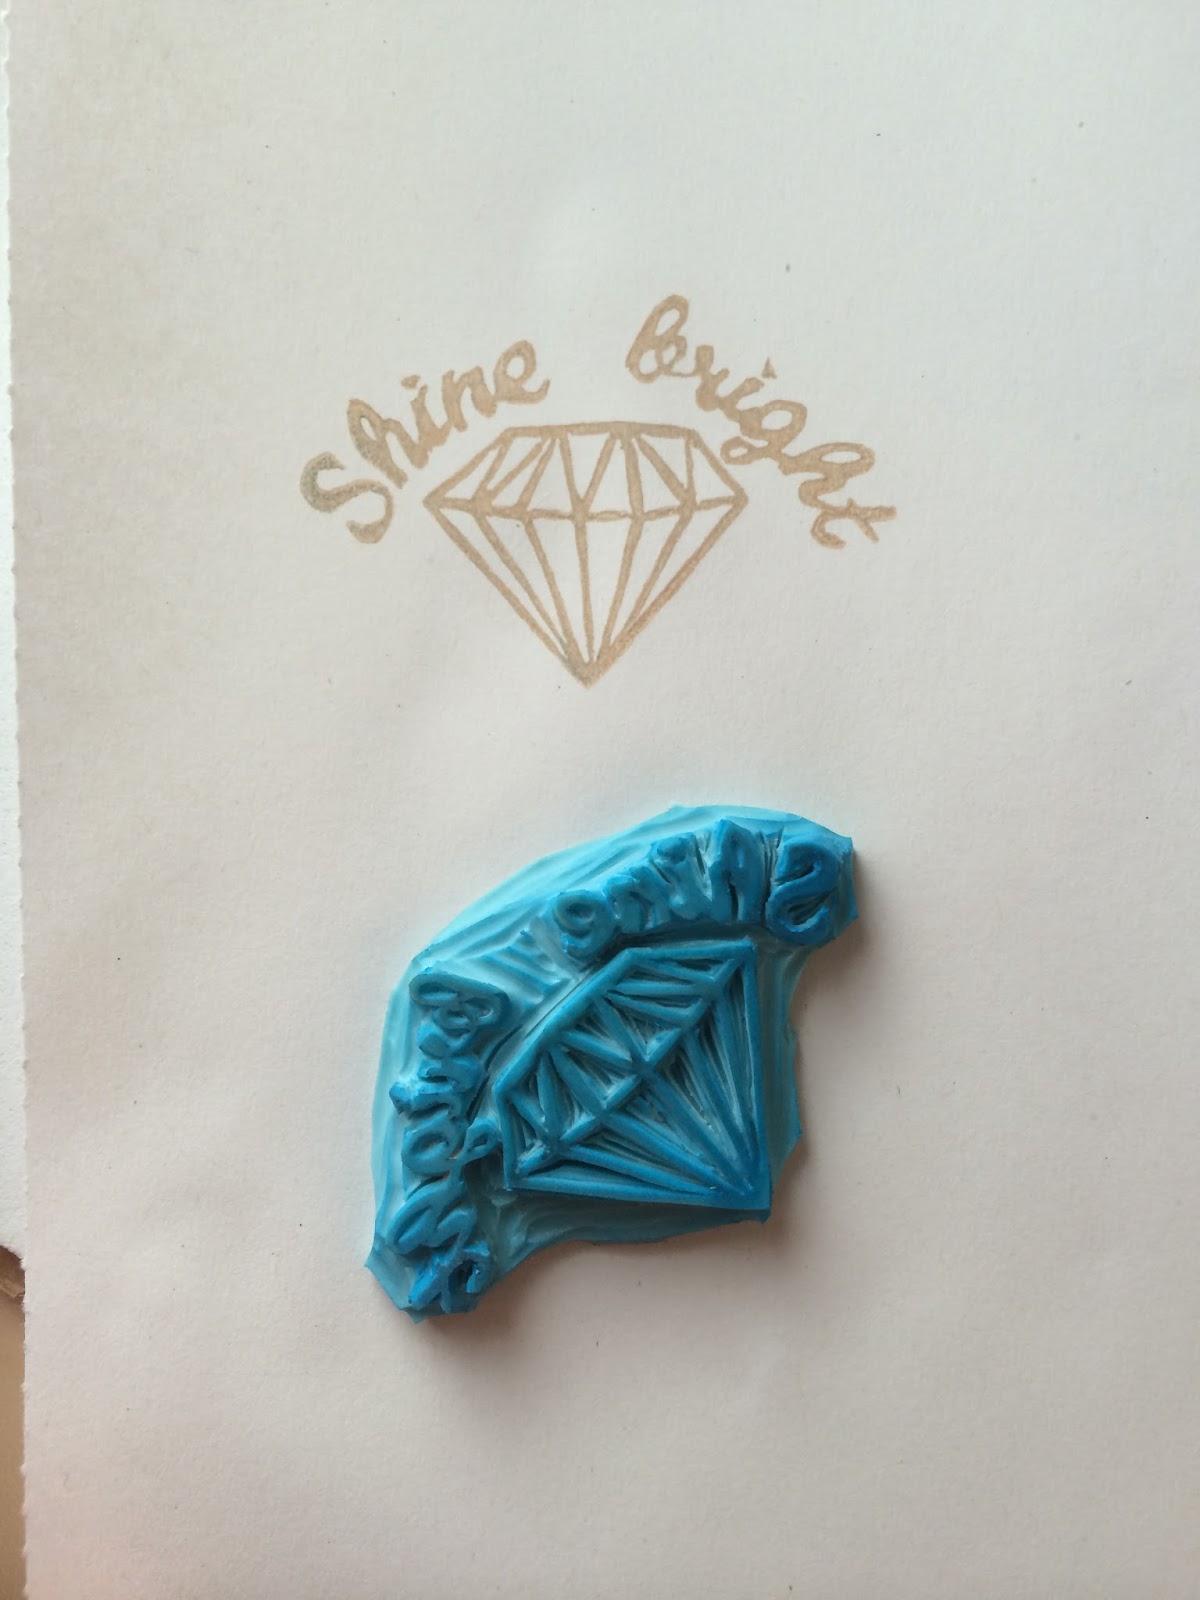 Sello hgecho a mano por sweet carving de un diamante